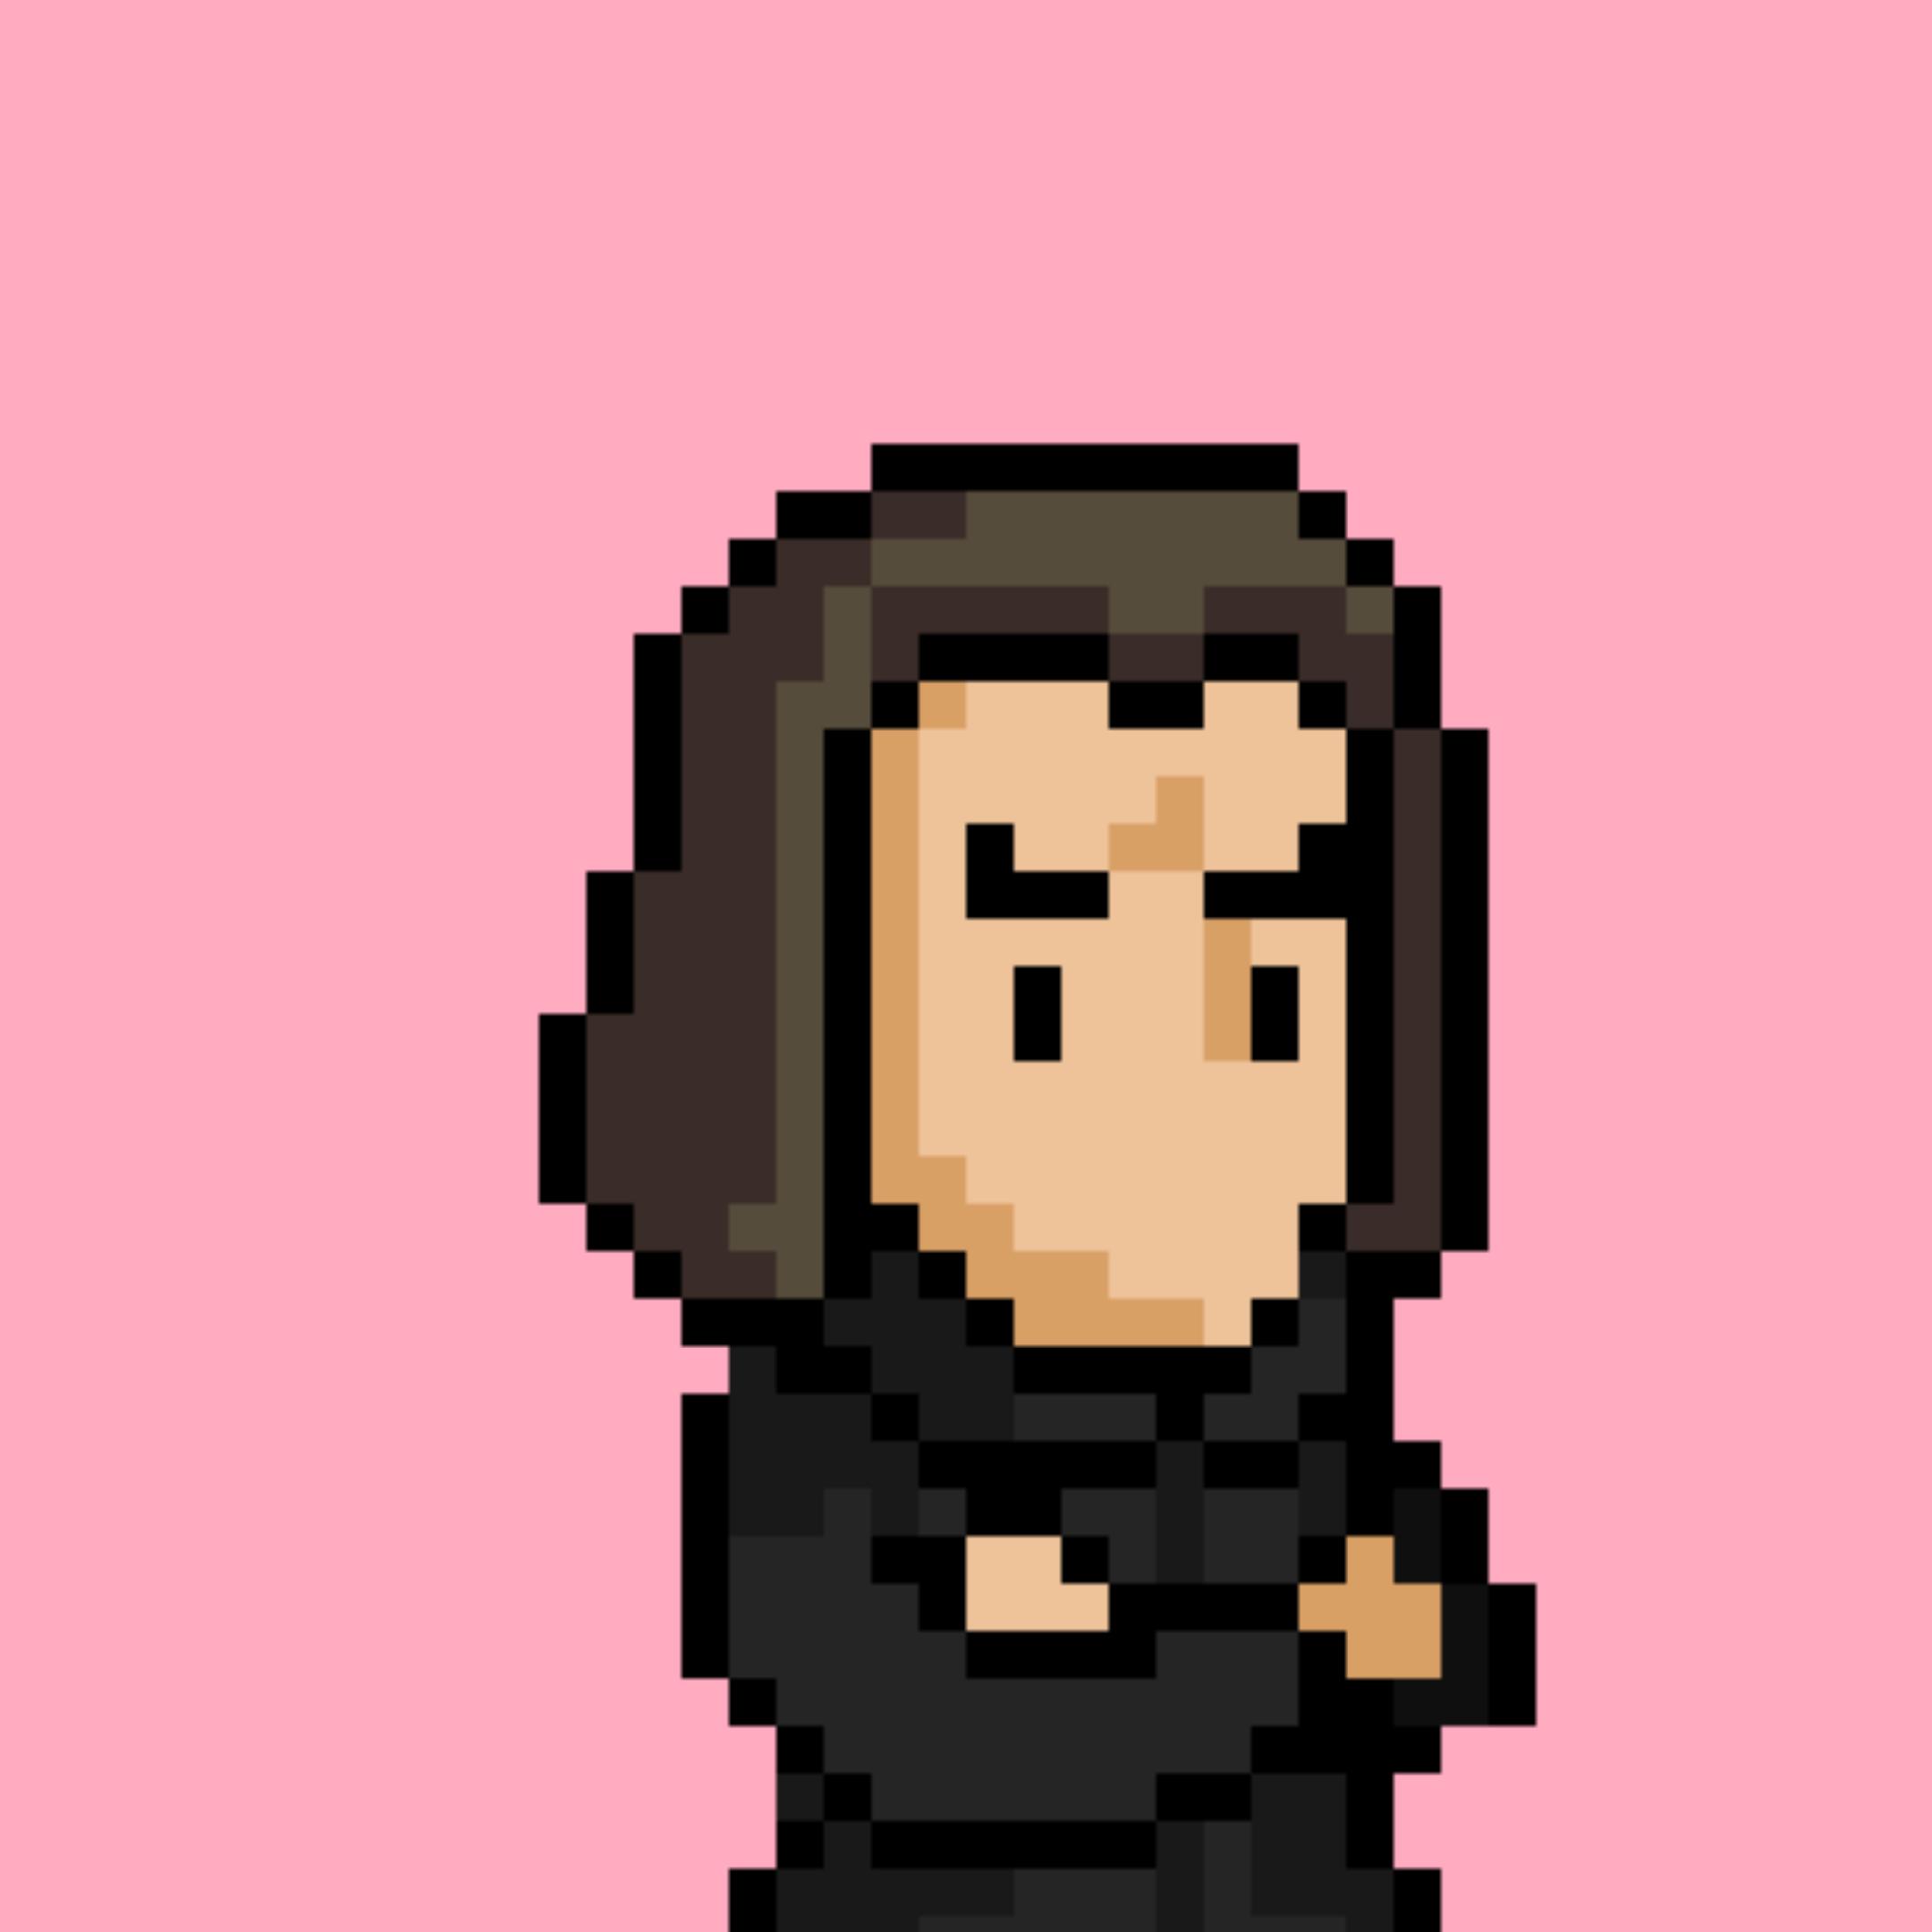 Liszt in pixel format